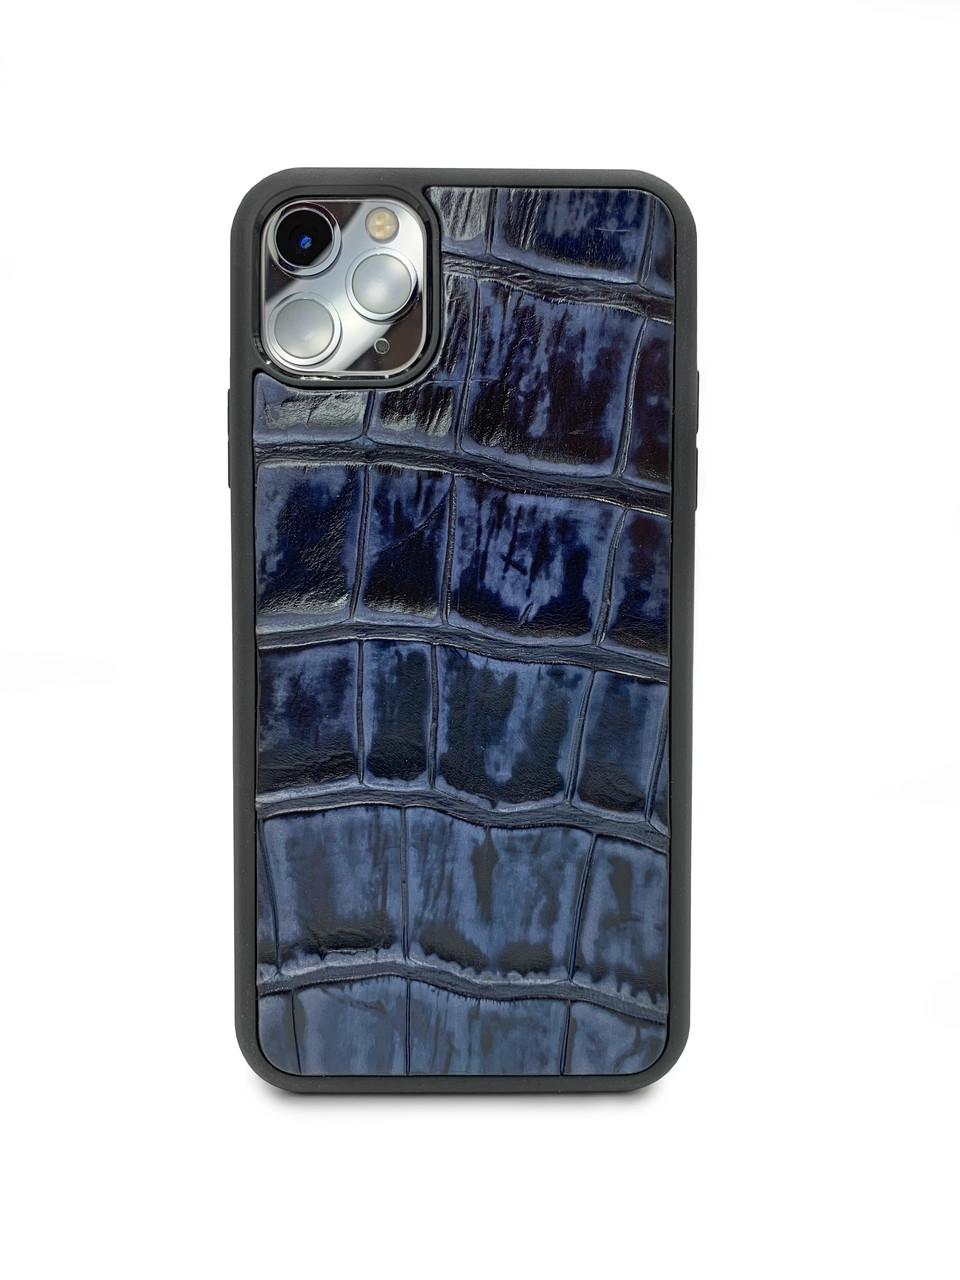 Чехол для iPhone 12 Pro Max синего цвета из кожи Крокодила